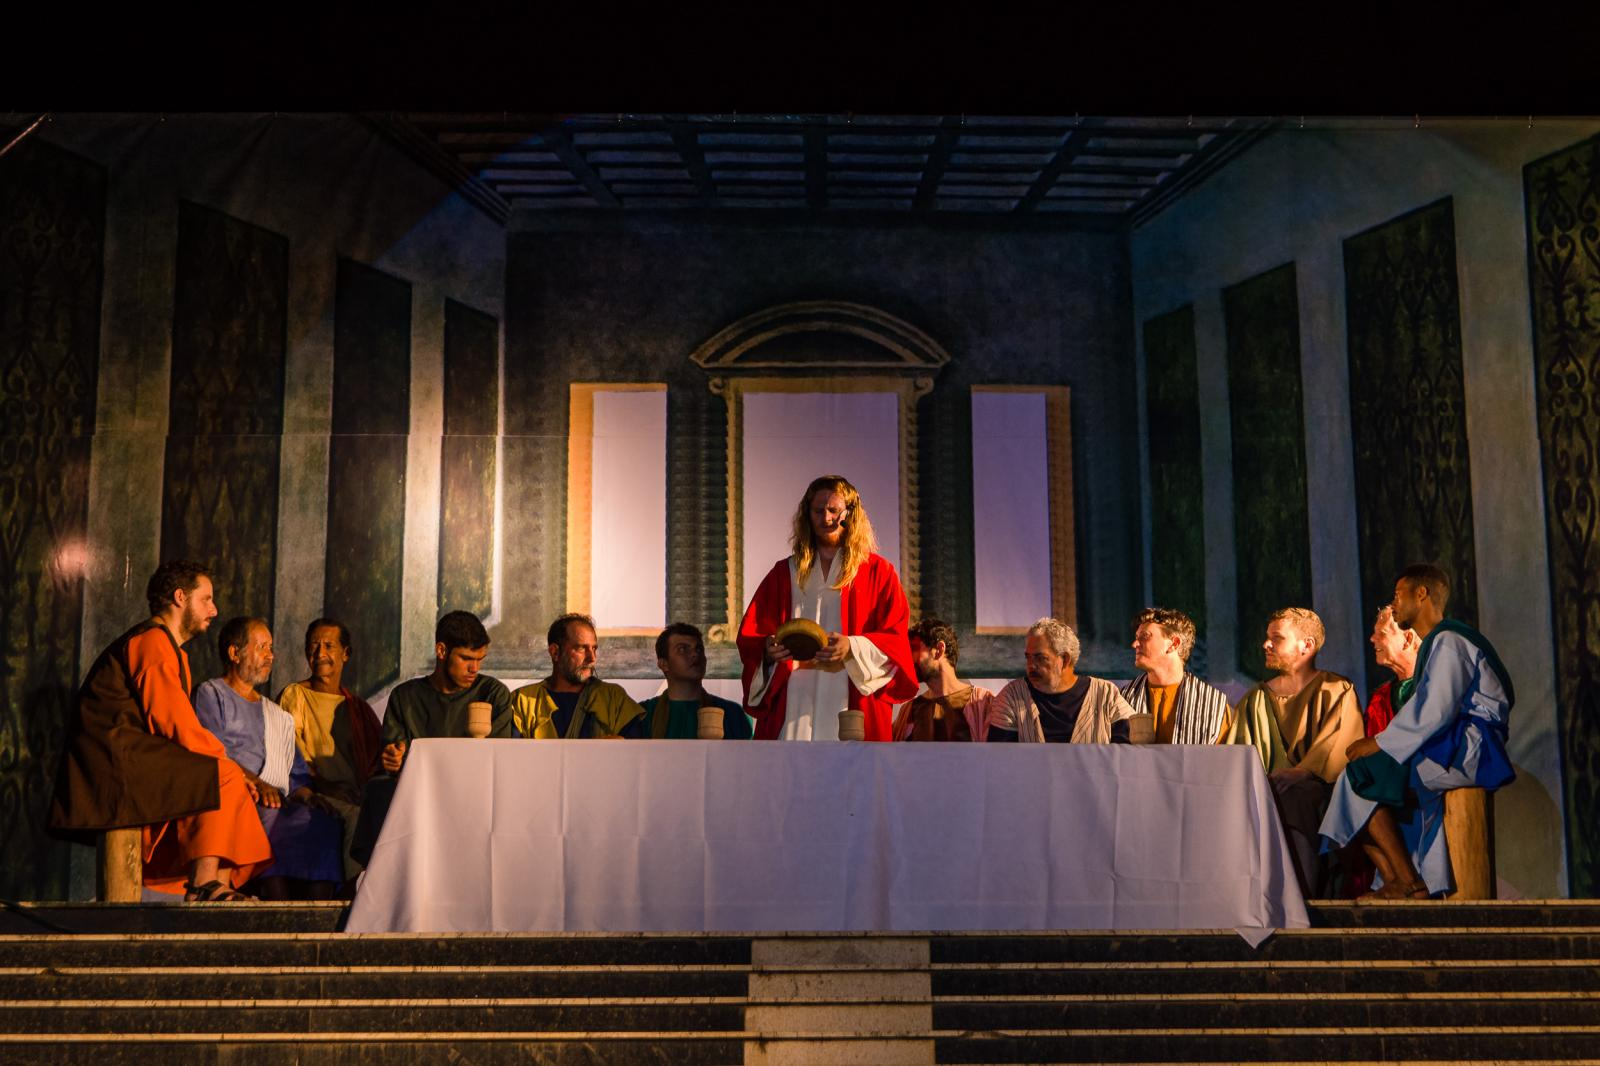 Teatro da Semana Santa de Itarana atraiu cerca de 3 mil espectadores segundo organizadores